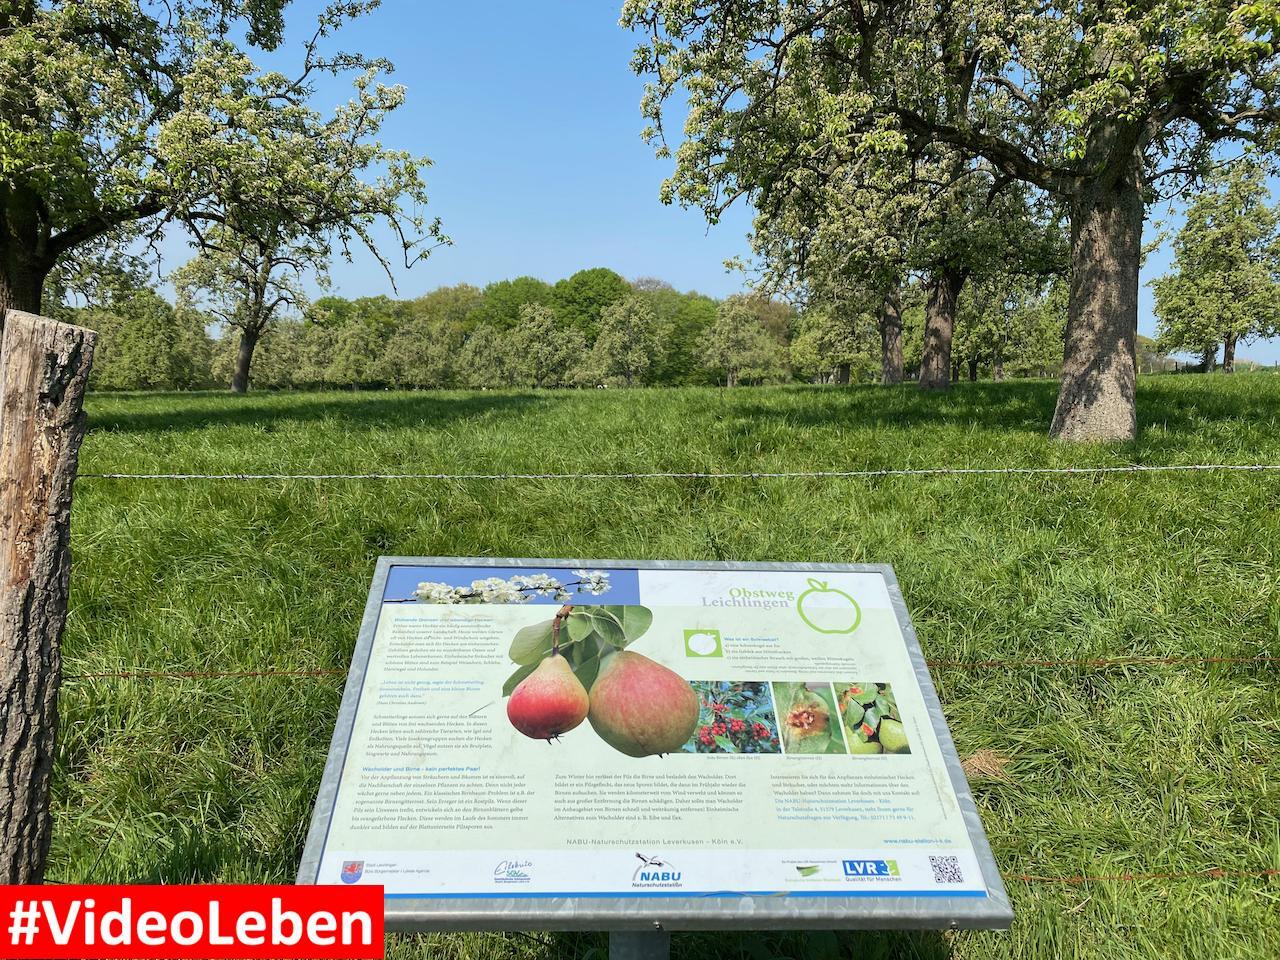 Obsthinweisschild Obstweg Obstwanderweg 4 Familienwanderweg Leichlingen Leichlinger Obstweg - Videoleben